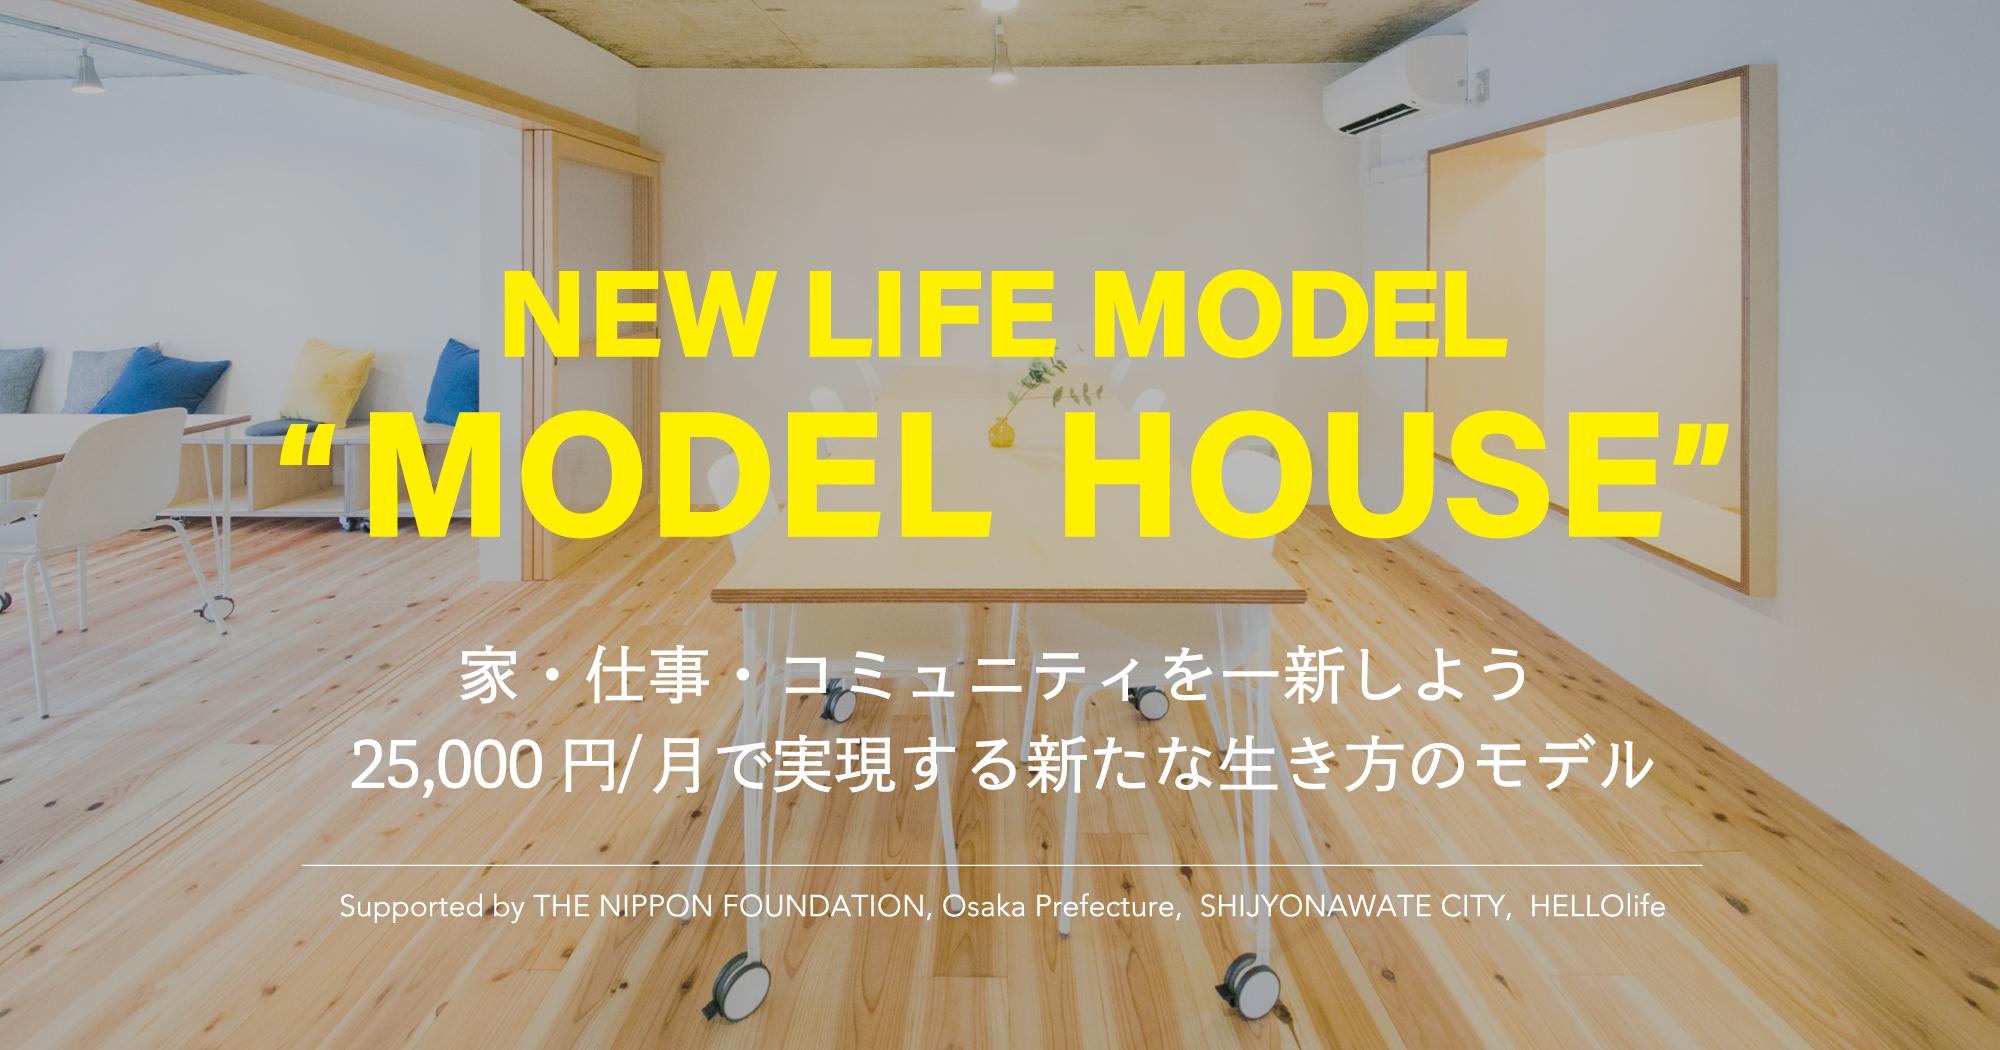 住宅つき就職支援プロジェクトMODELHOUSE